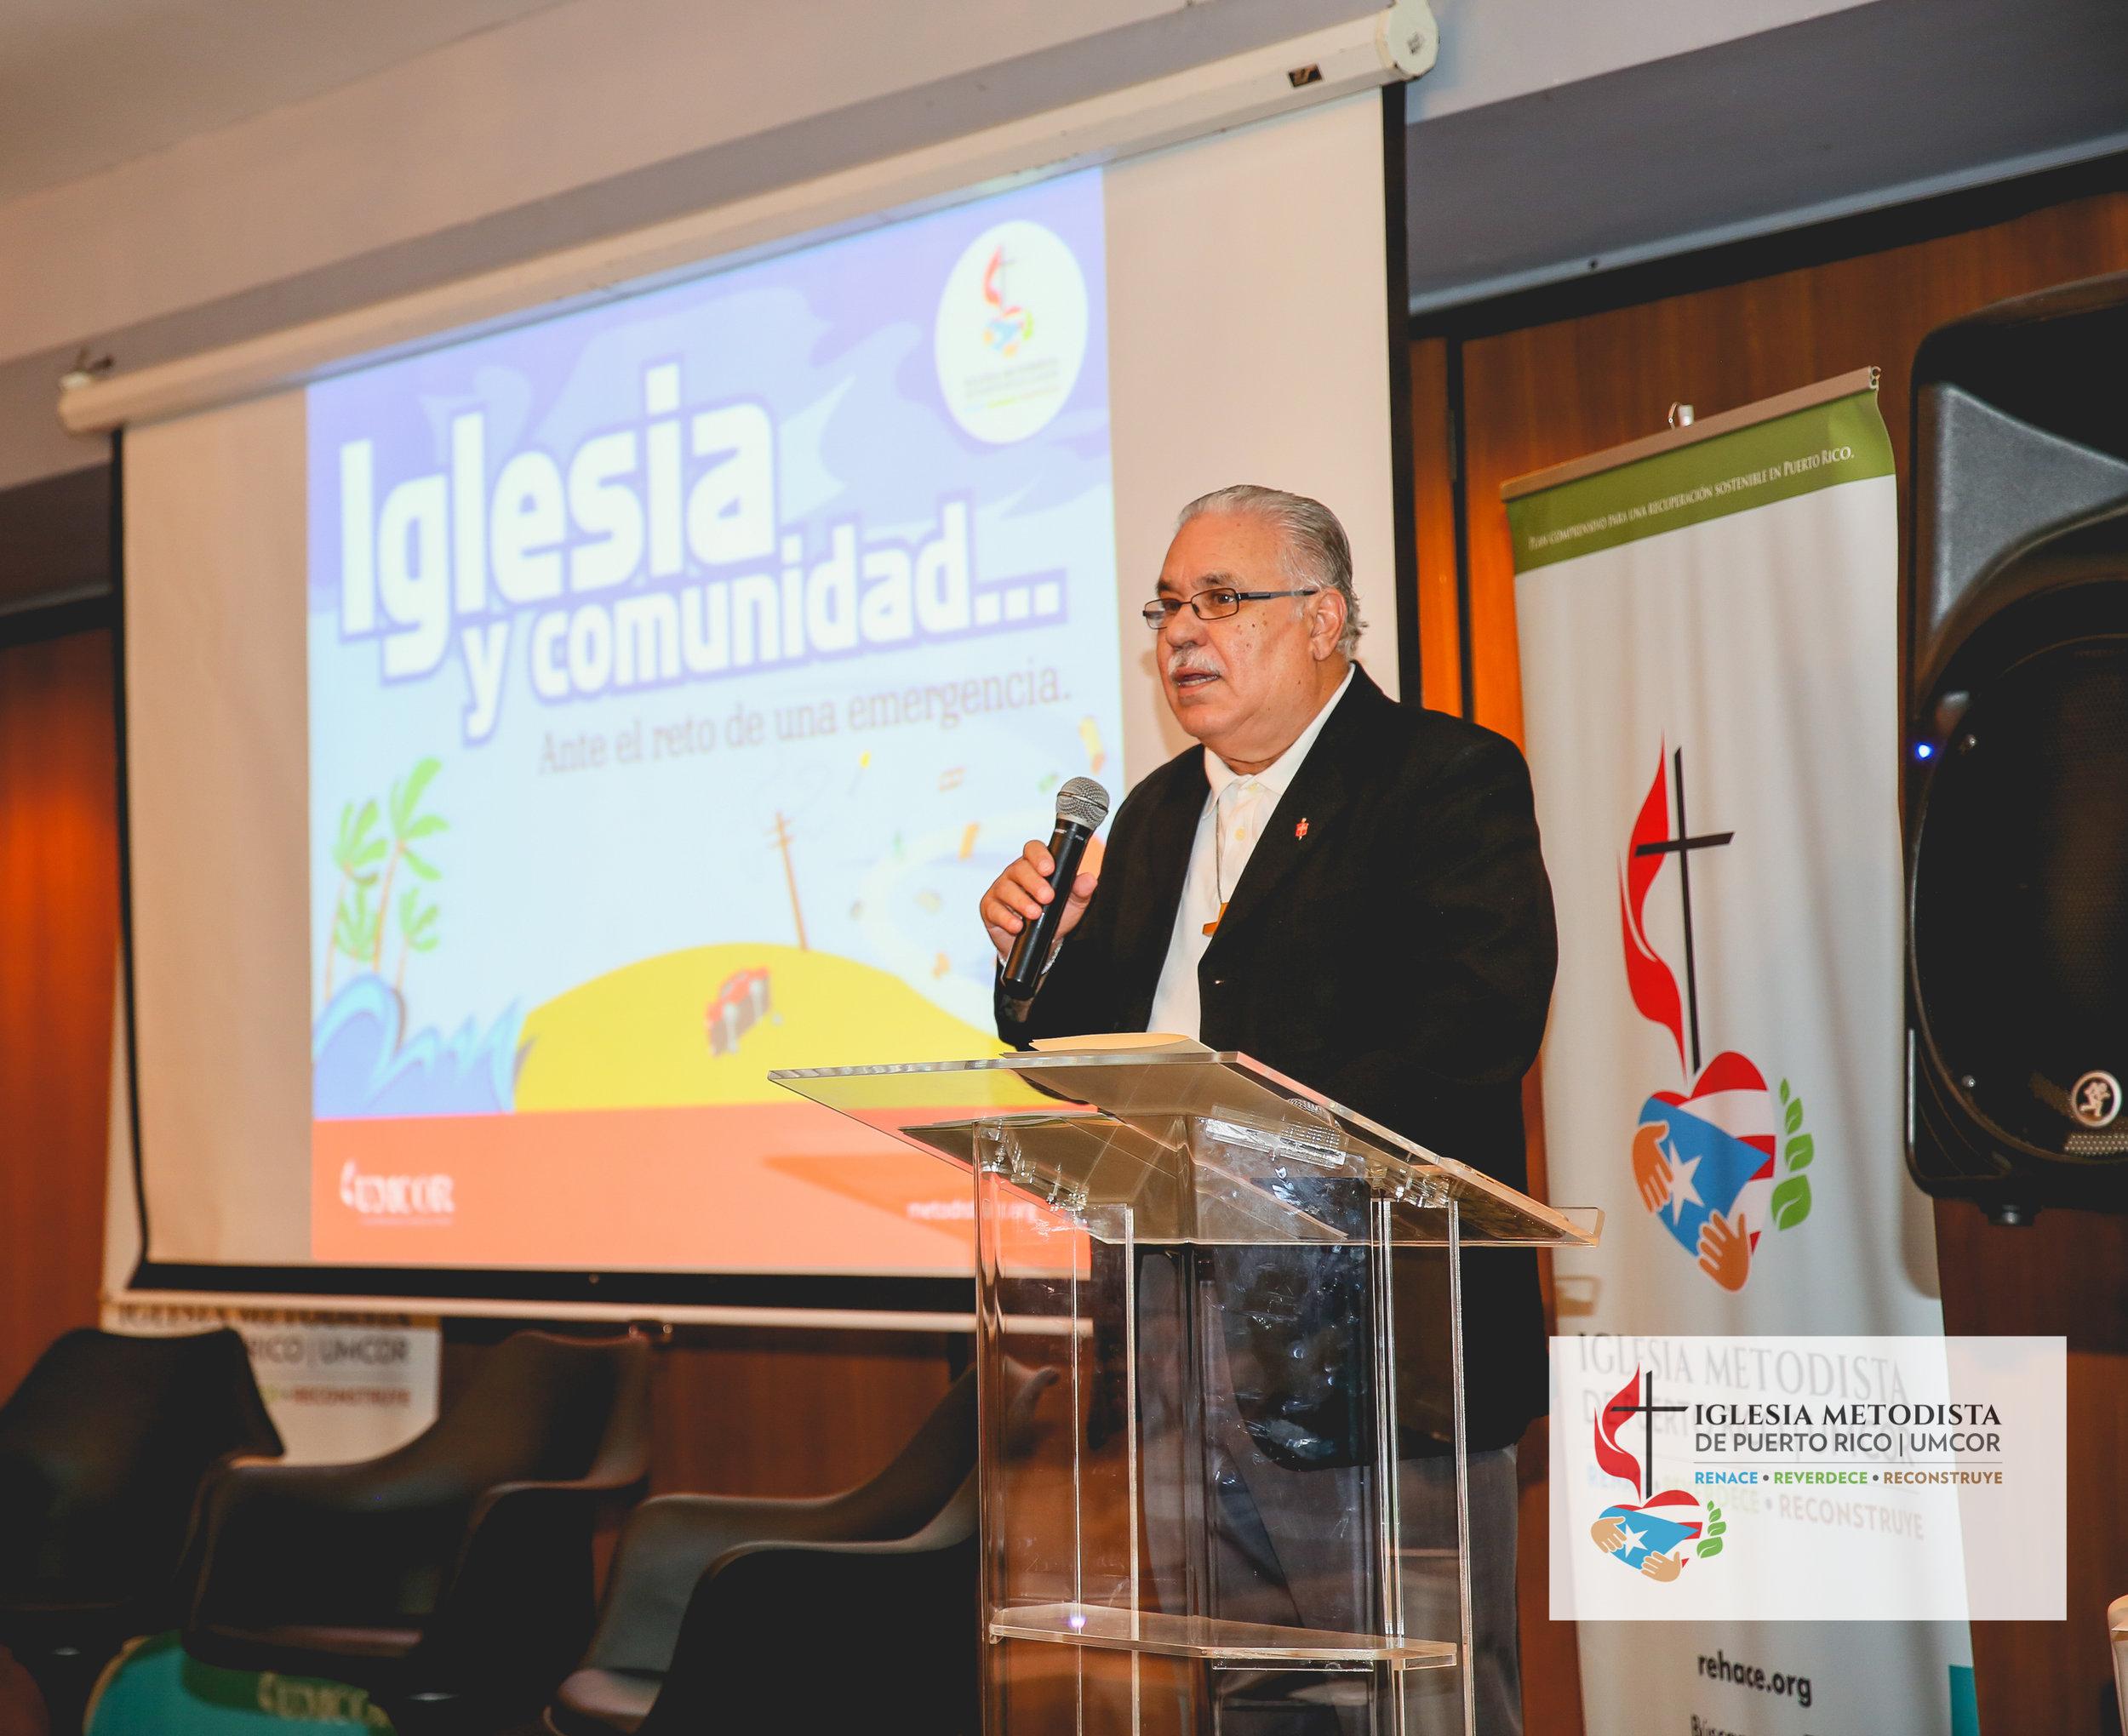 Foto1era Parte_Taller Iglesia y Comunidad-ESG55173.JPG